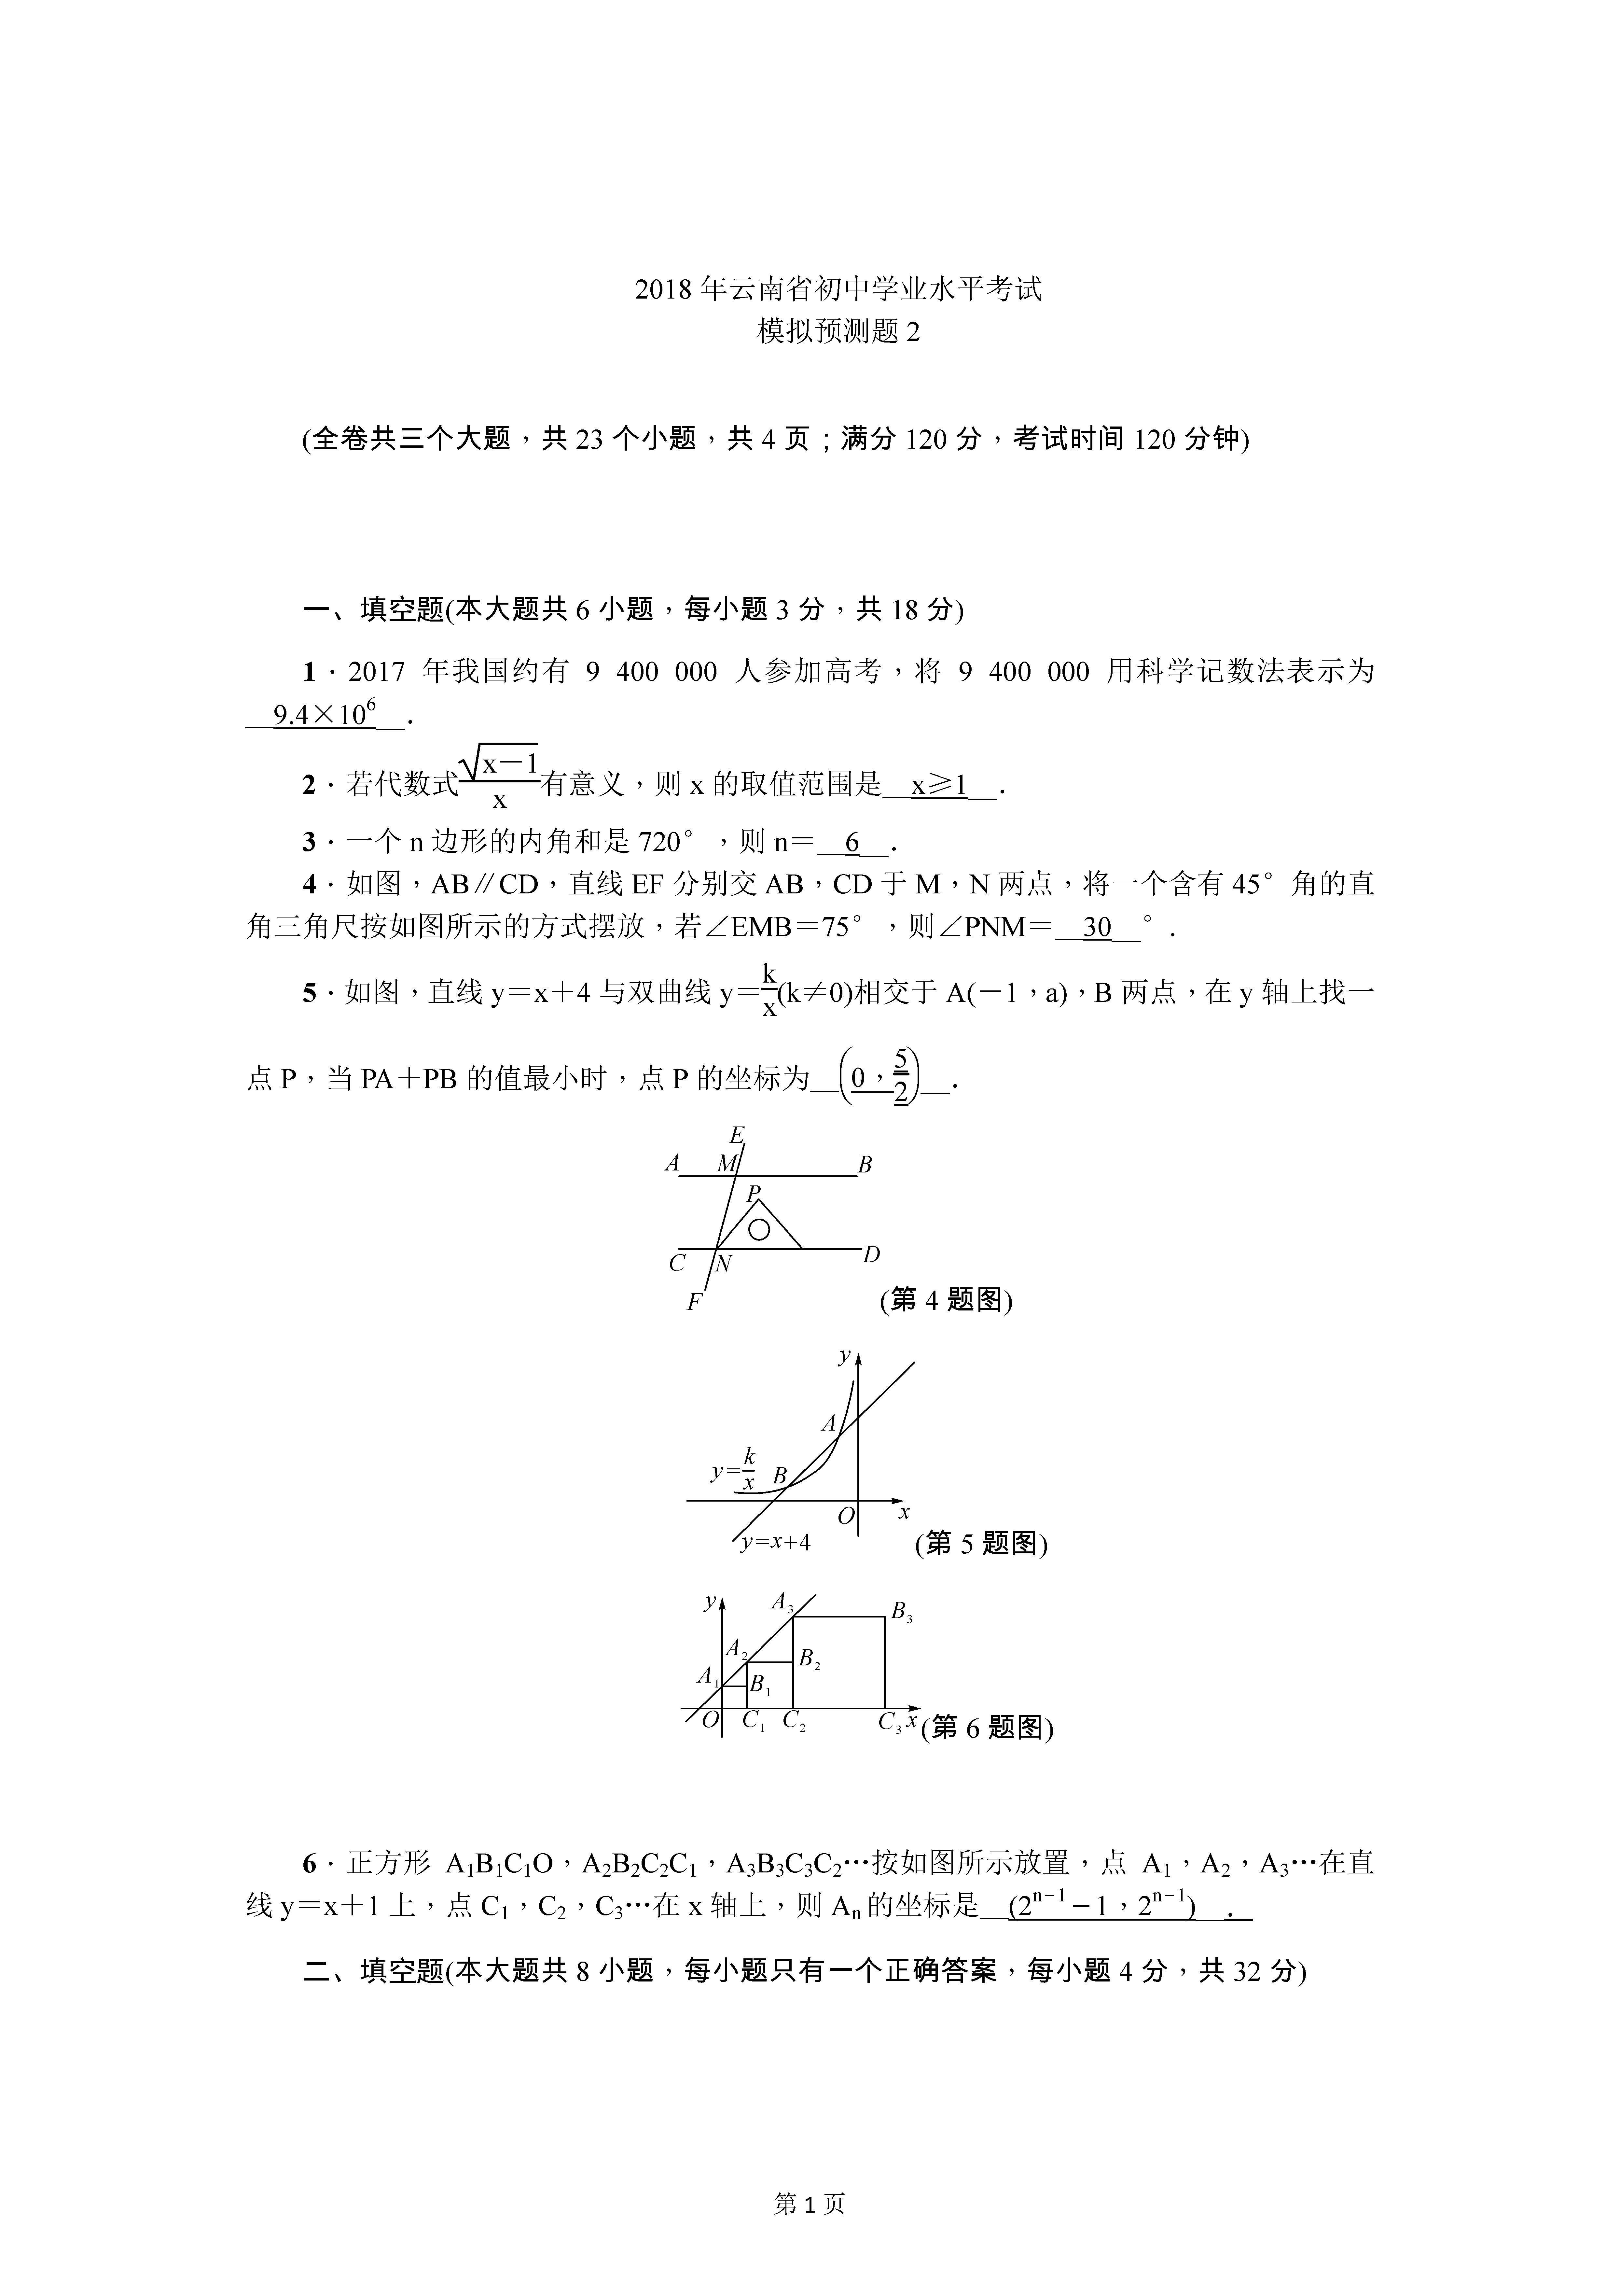 2017云南初中答案水平考试模拟预测题2及眼泪大自然学业的作文初中图片